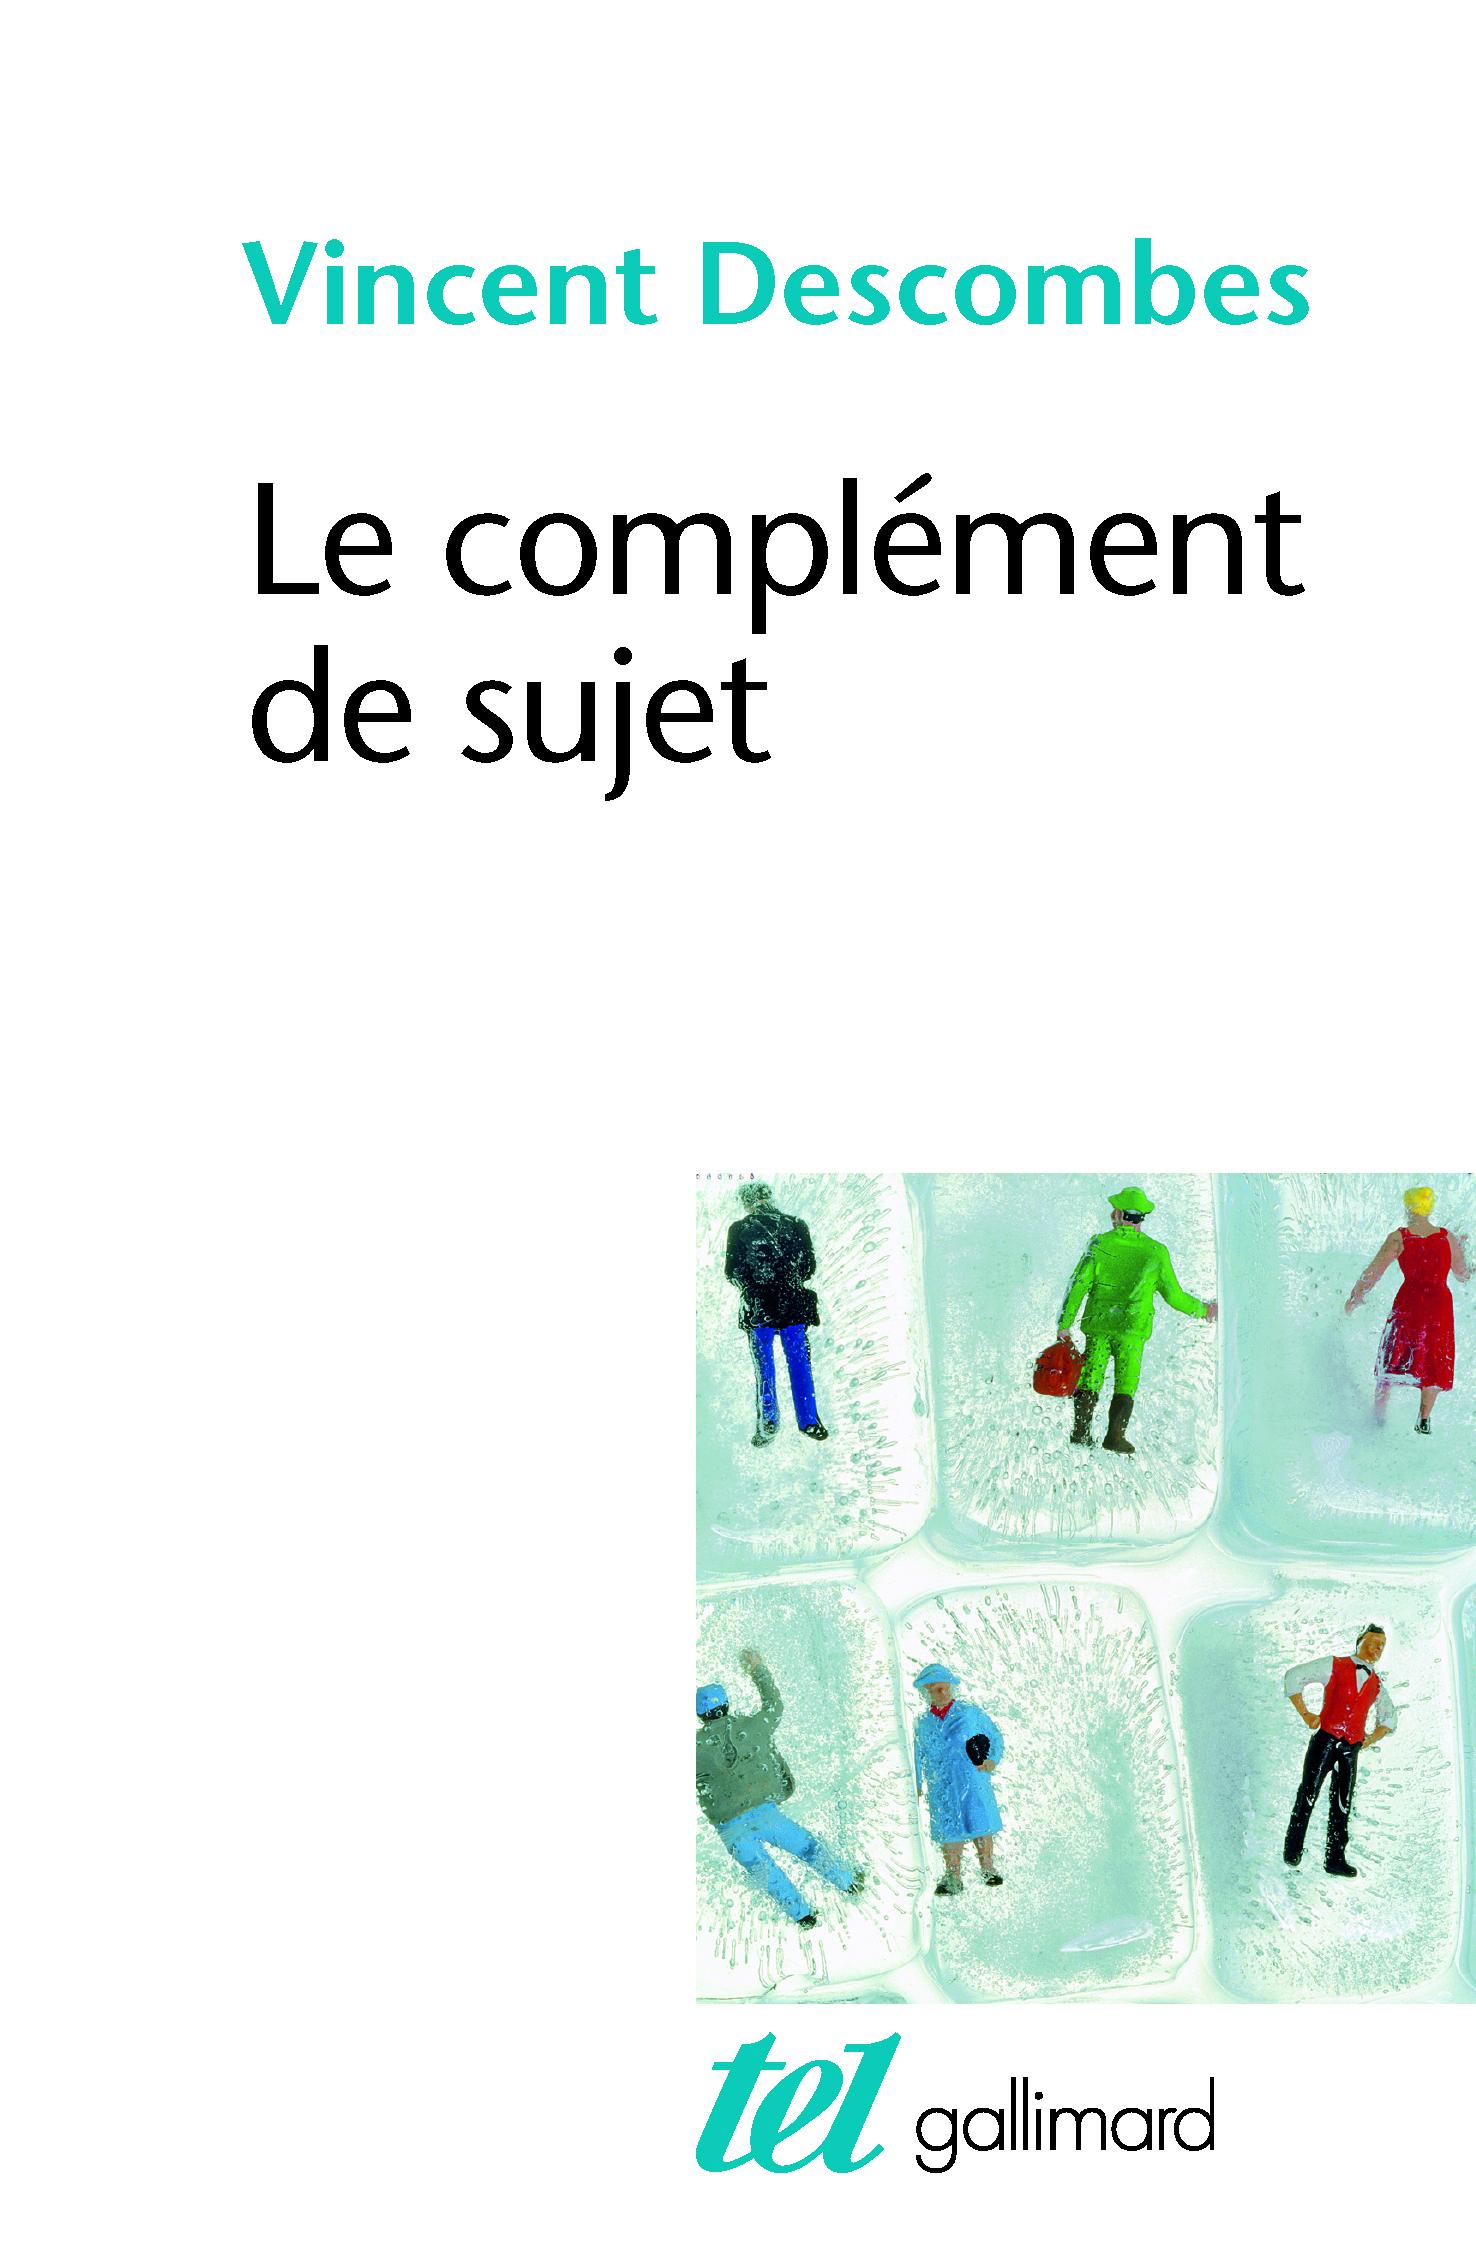 LE COMPLEMENT DE SUJET